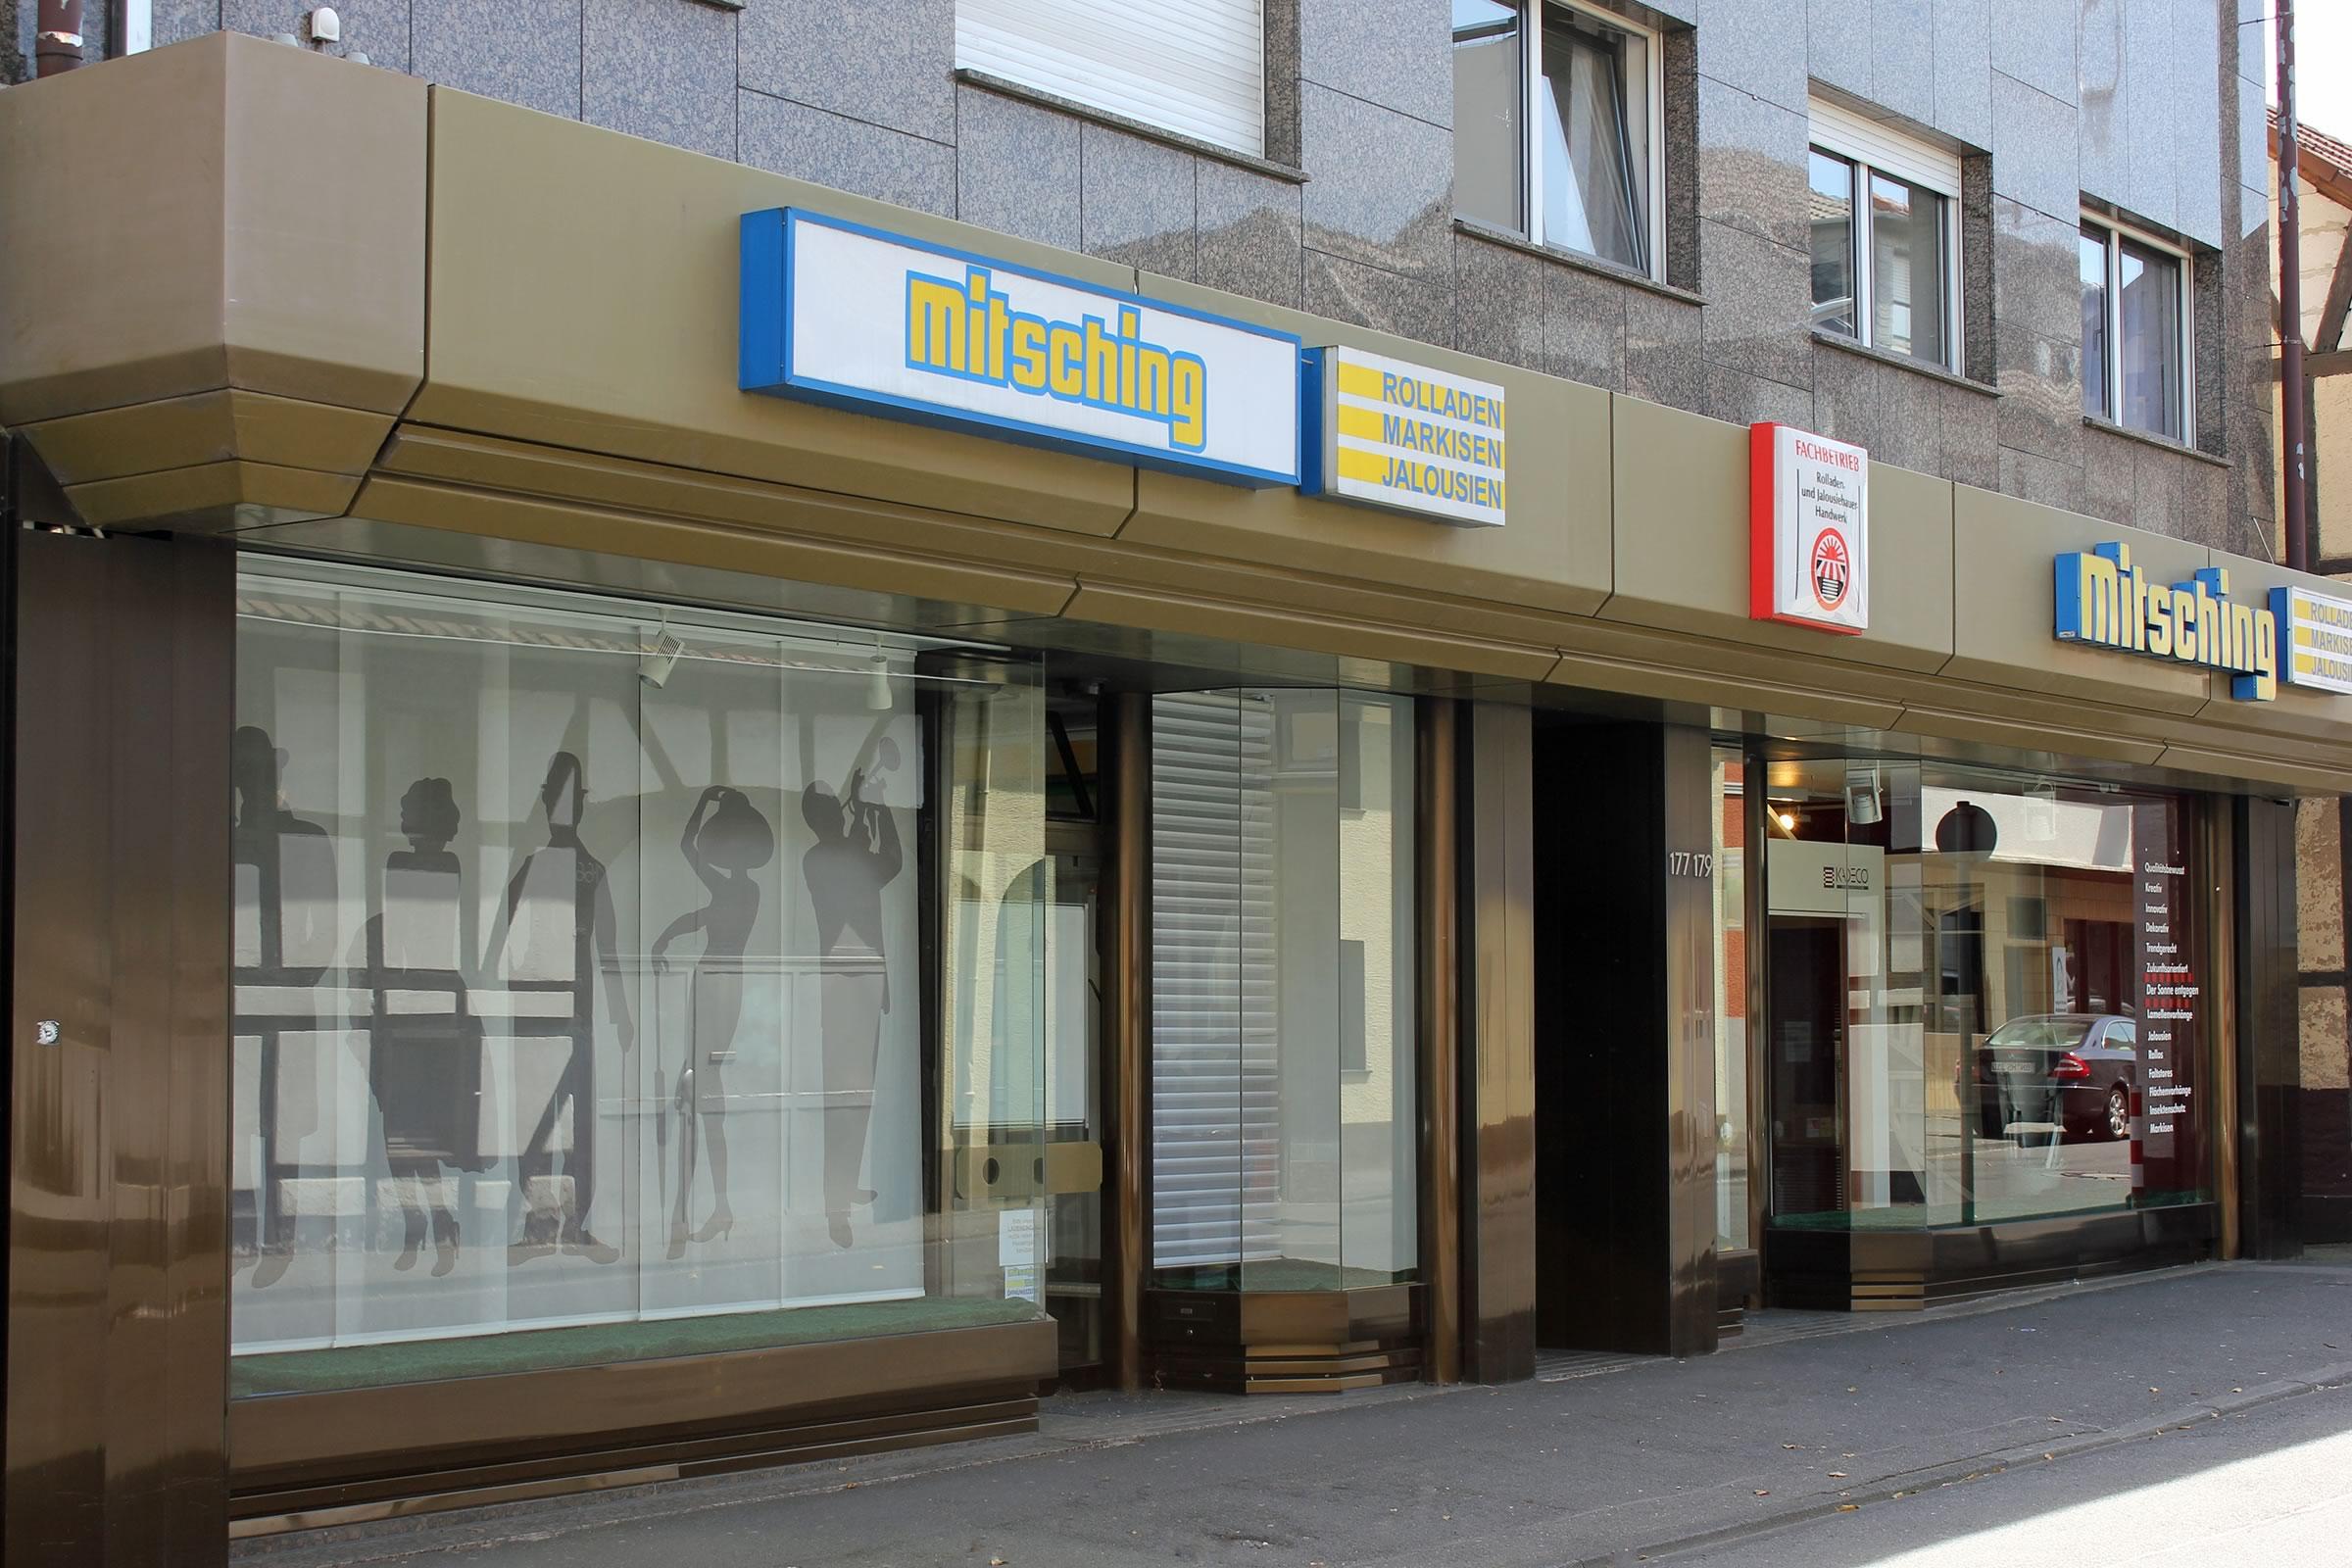 Fassade Mitsching GmbH